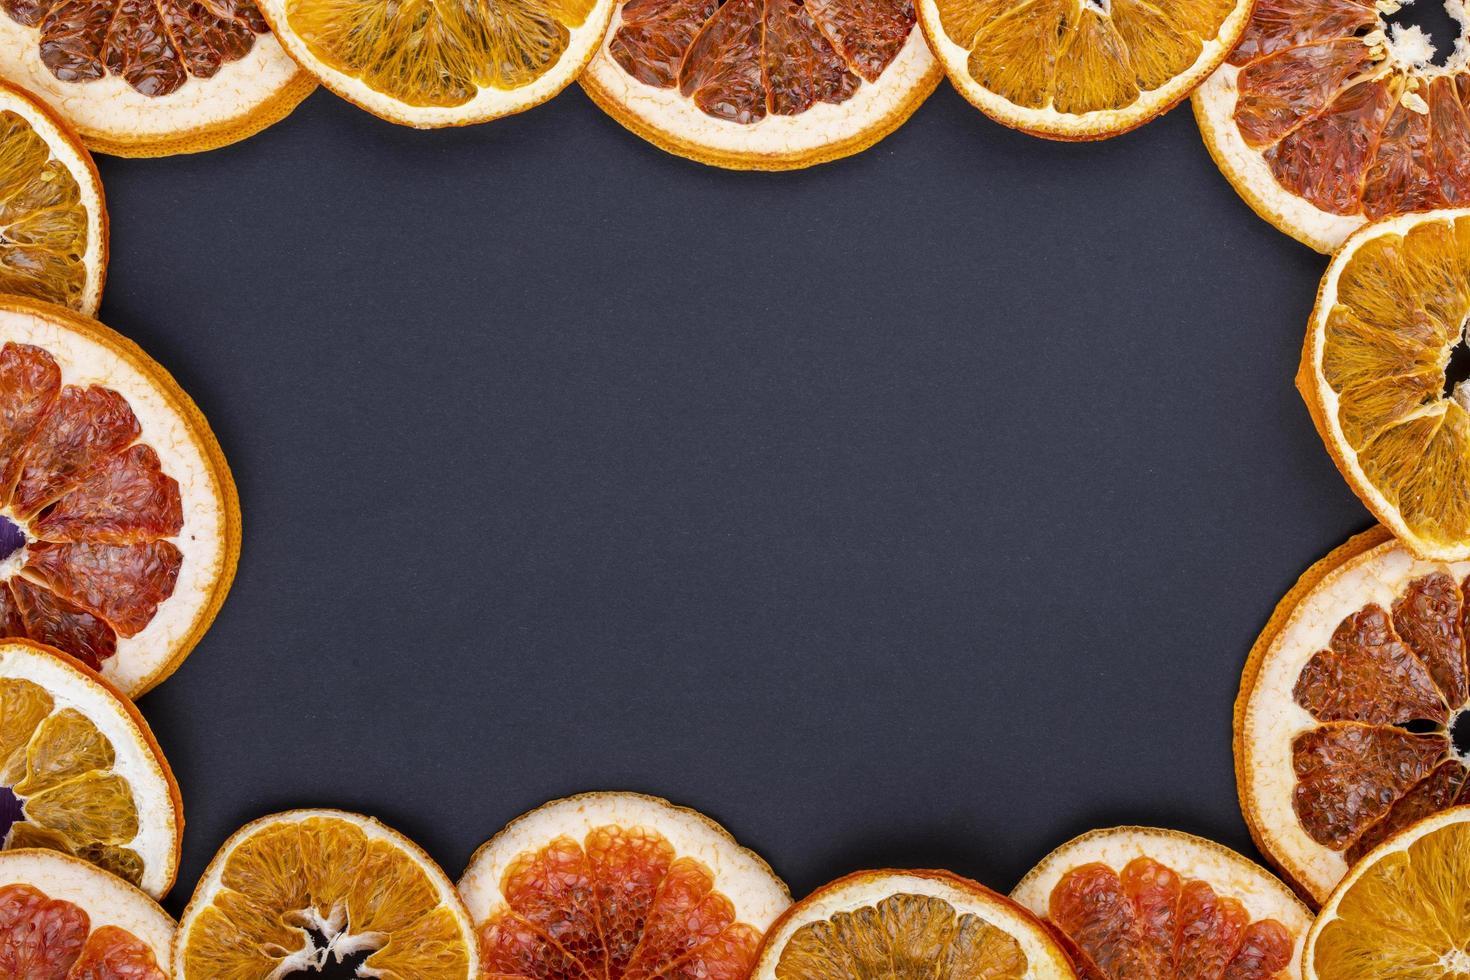 Vista superior de un bastidor de rodajas de naranja secas foto